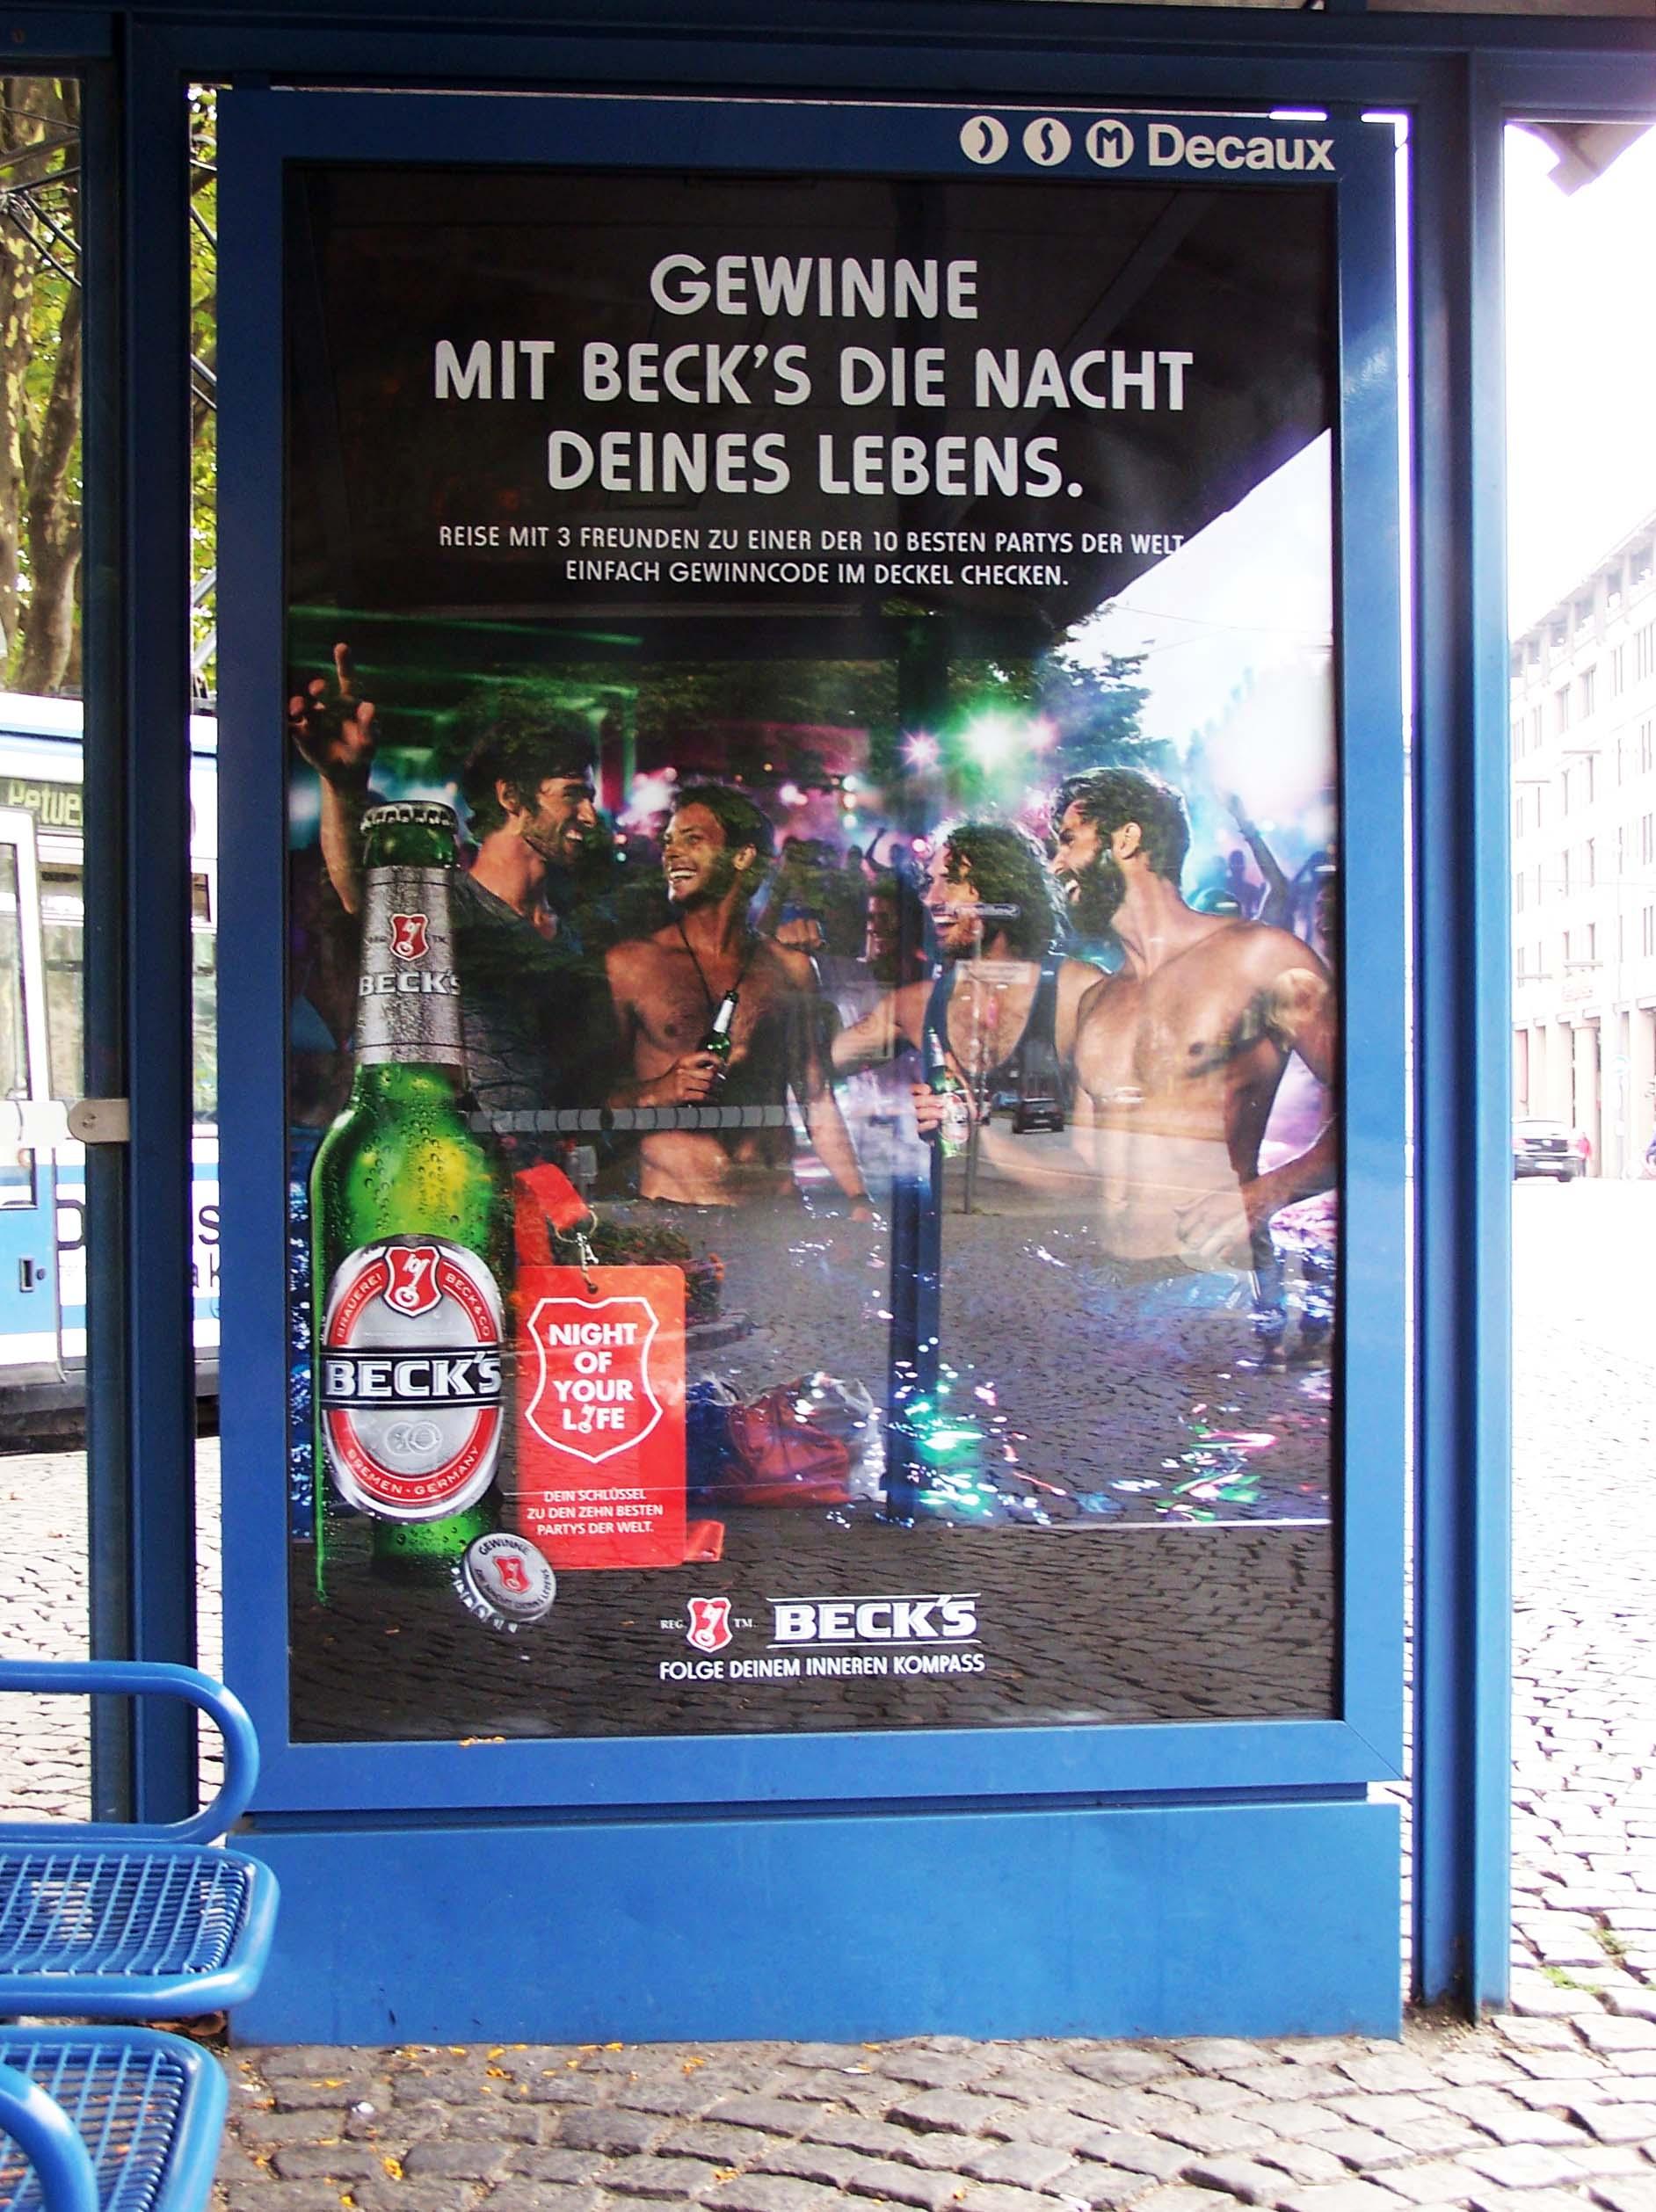 Gewinne mit Beck's die Nacht deines Lebens, Plakat Sendlinger-Tor-Platz